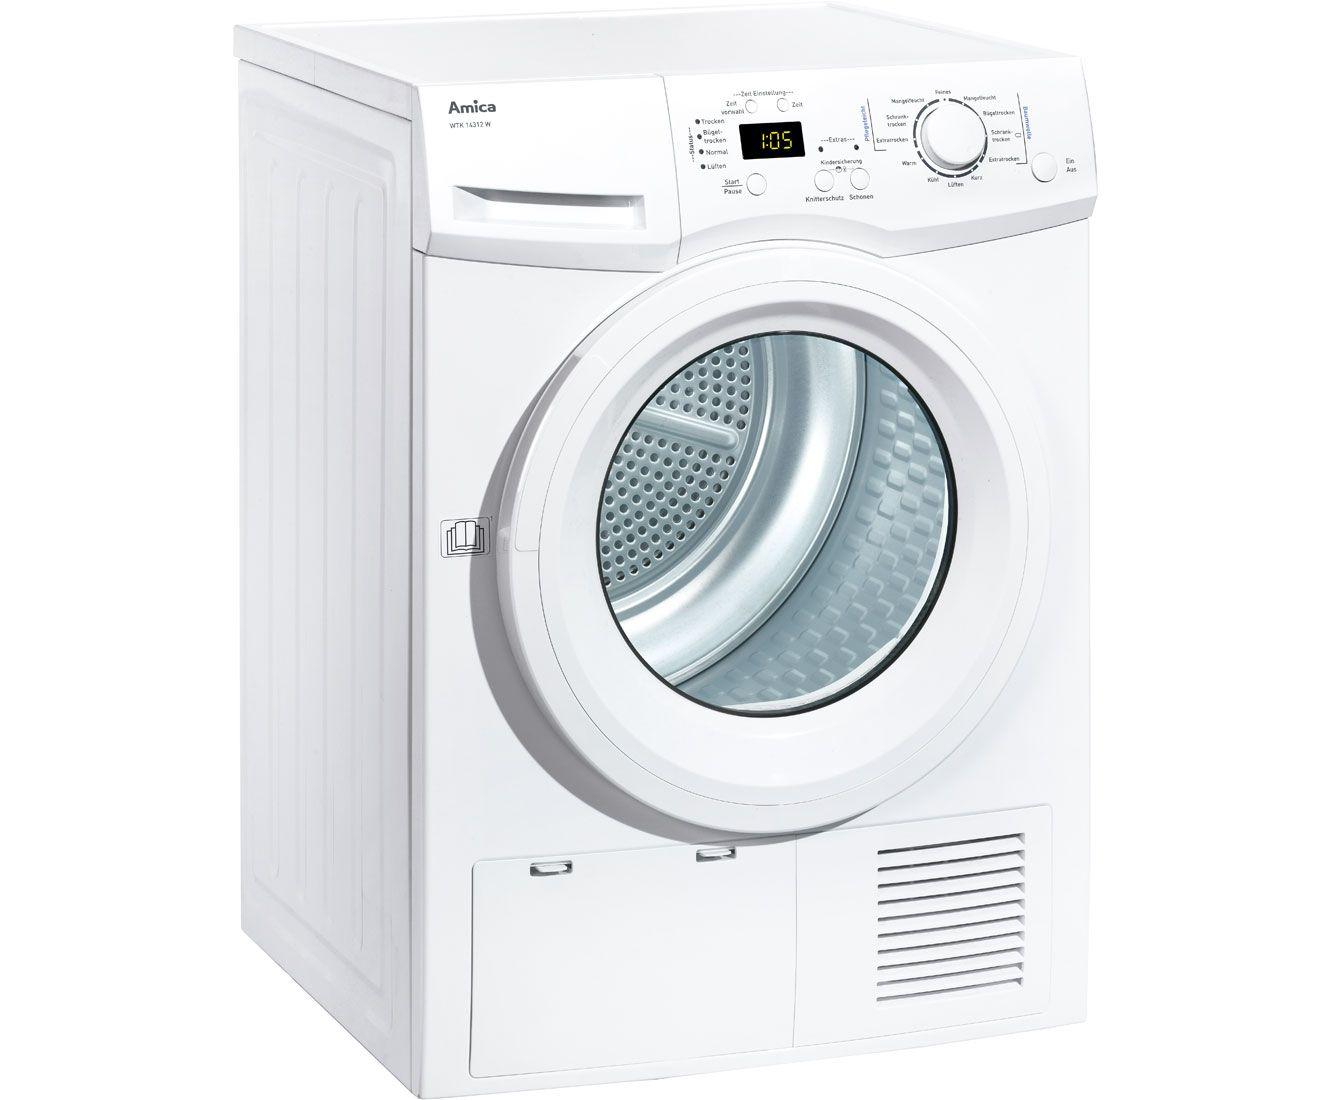 14 Elektrogroßgeräte Ideen Waschmaschine Wäsche Wärmepumpentrockner